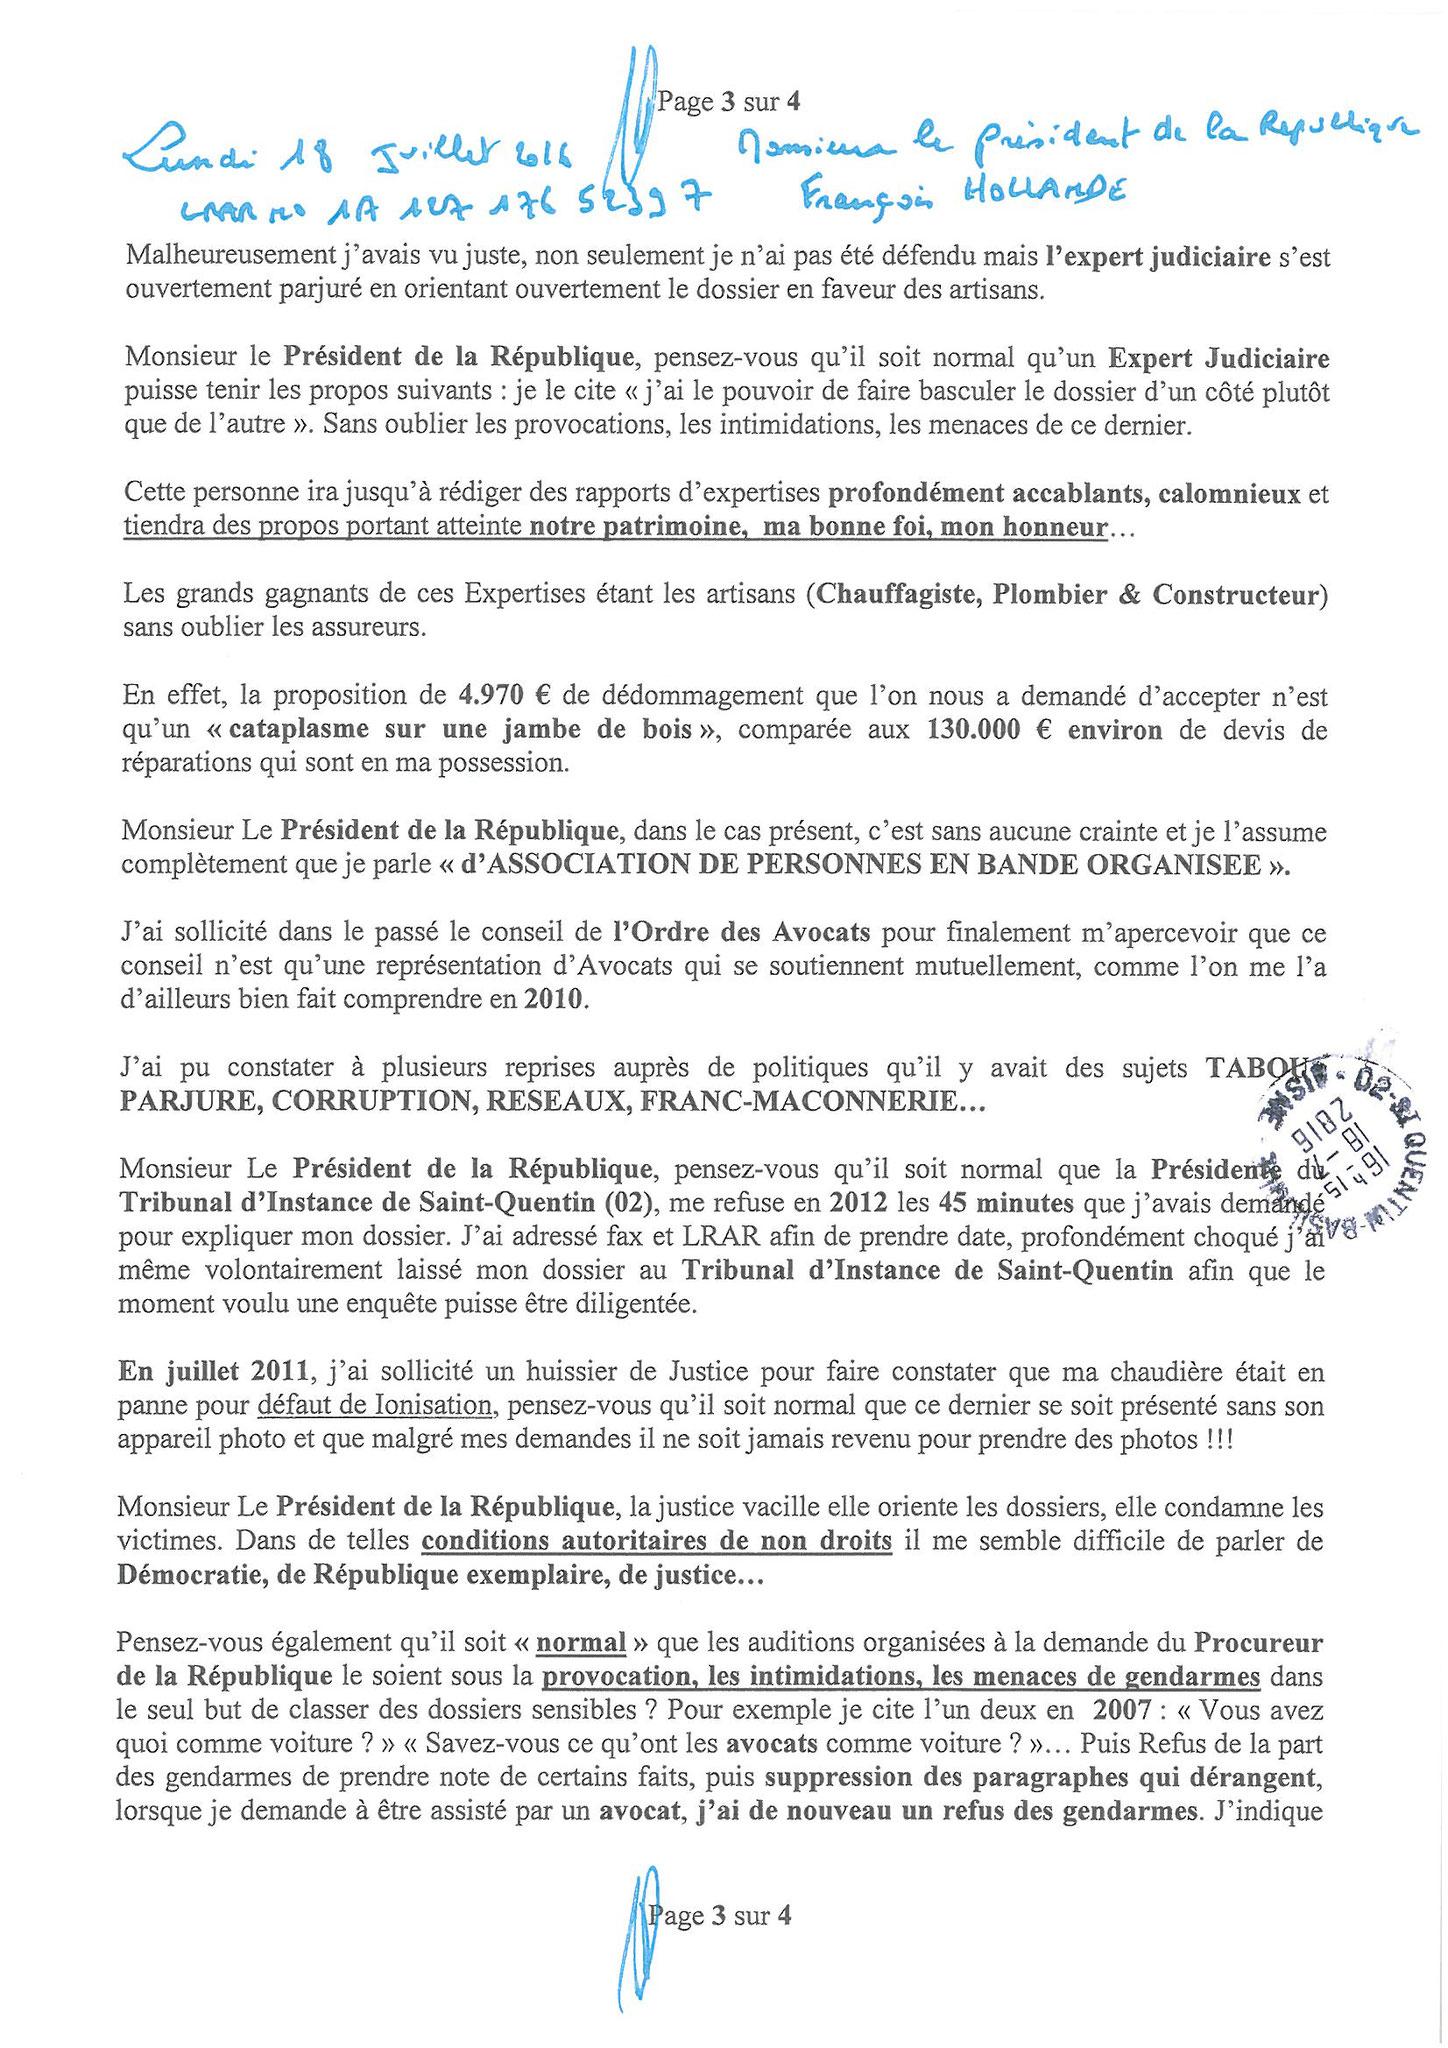 LRAR  du 18 Juillet 2016 à Monsieur François HOLLANDE Président de la République page 3 sur 4